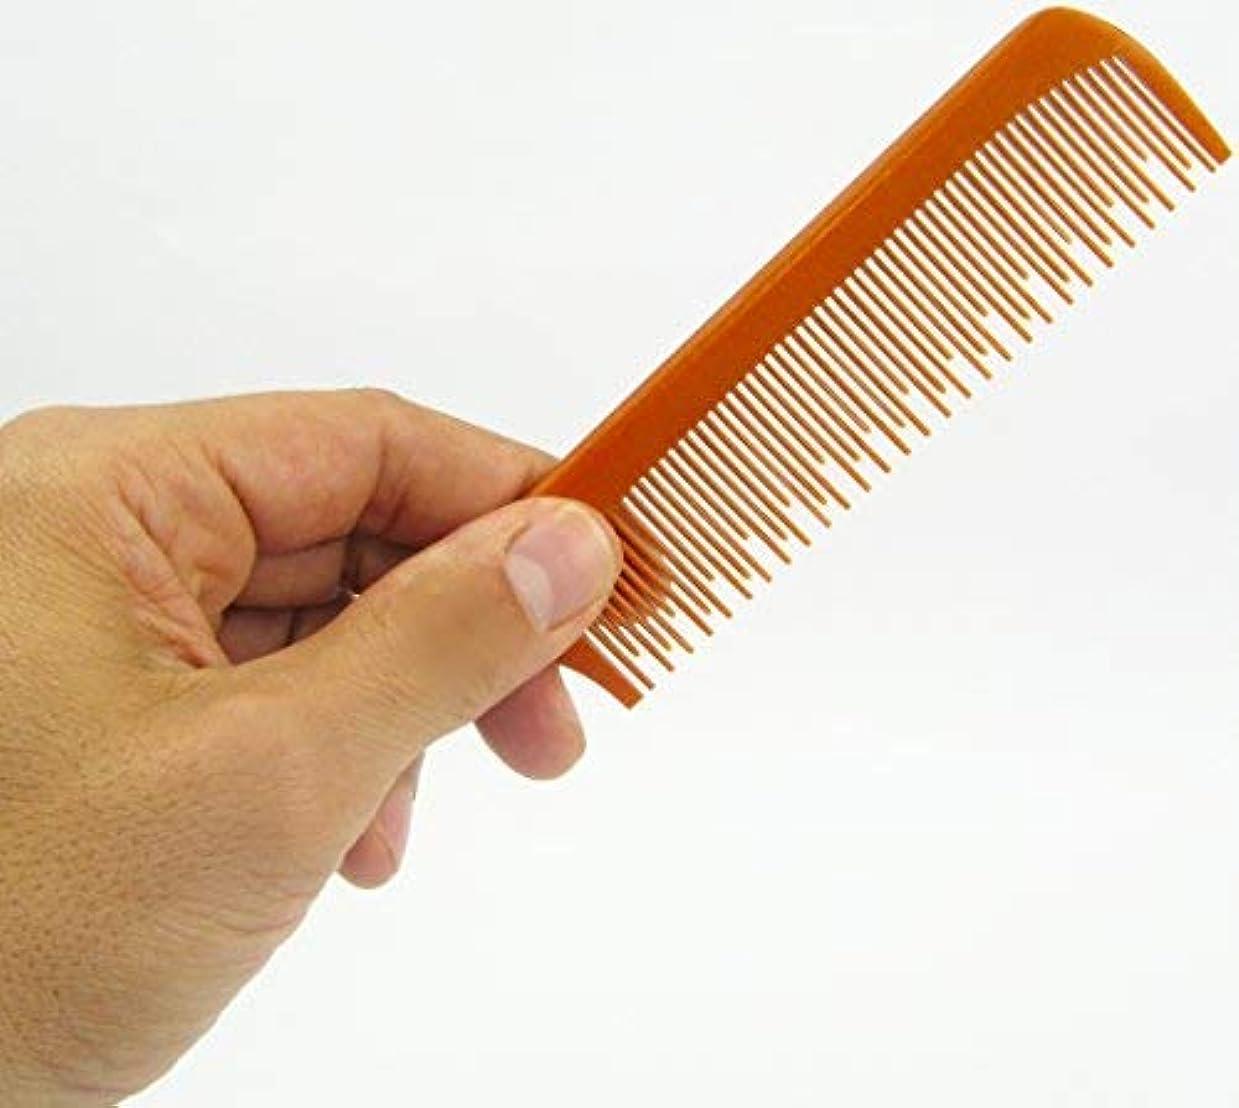 なる摂氏ペレットTeasing hairstyling Comb with Tail -Celebrity favorite hair secret, styling tool, no static. no frizz, heat resistant, gentle detangler, no tangles, promotes healthy shiney hair, no snags [並行輸入品]